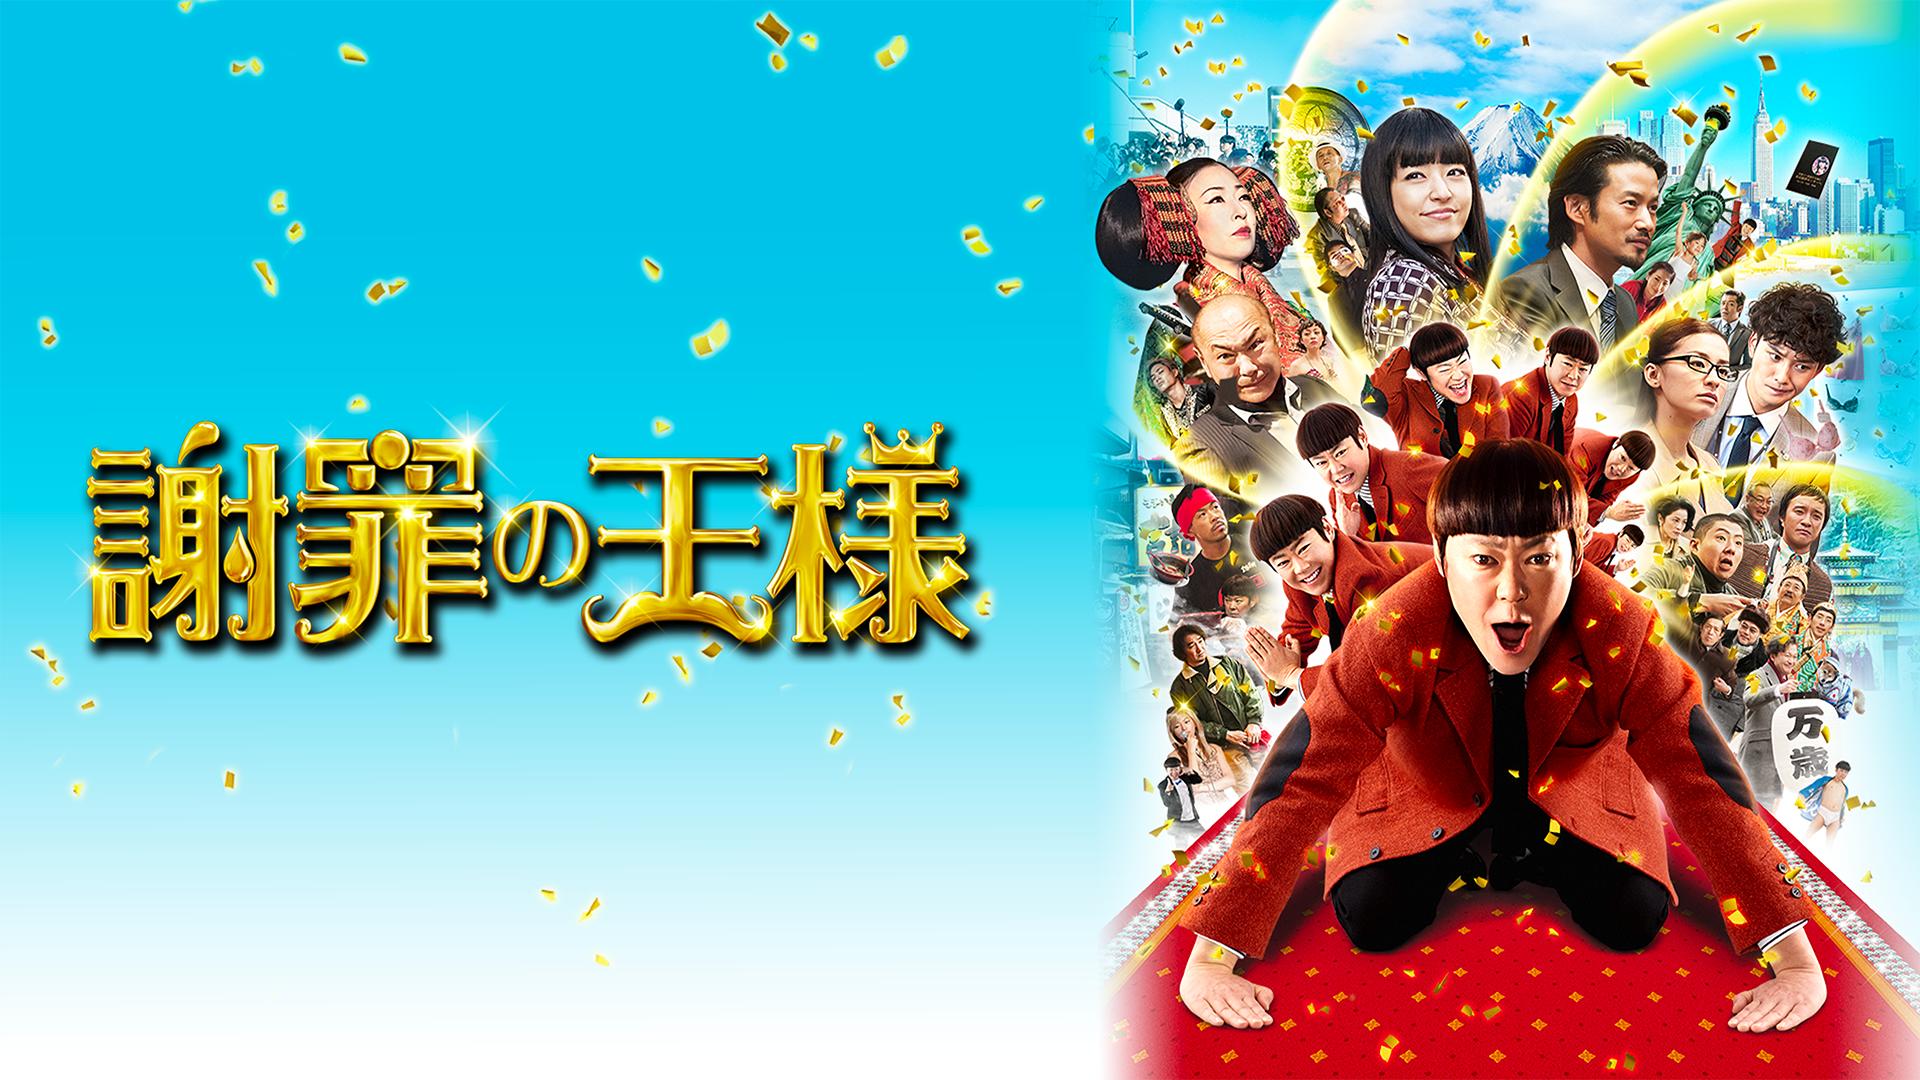 【映画】謝罪の王様のレビュー・予告・あらすじ